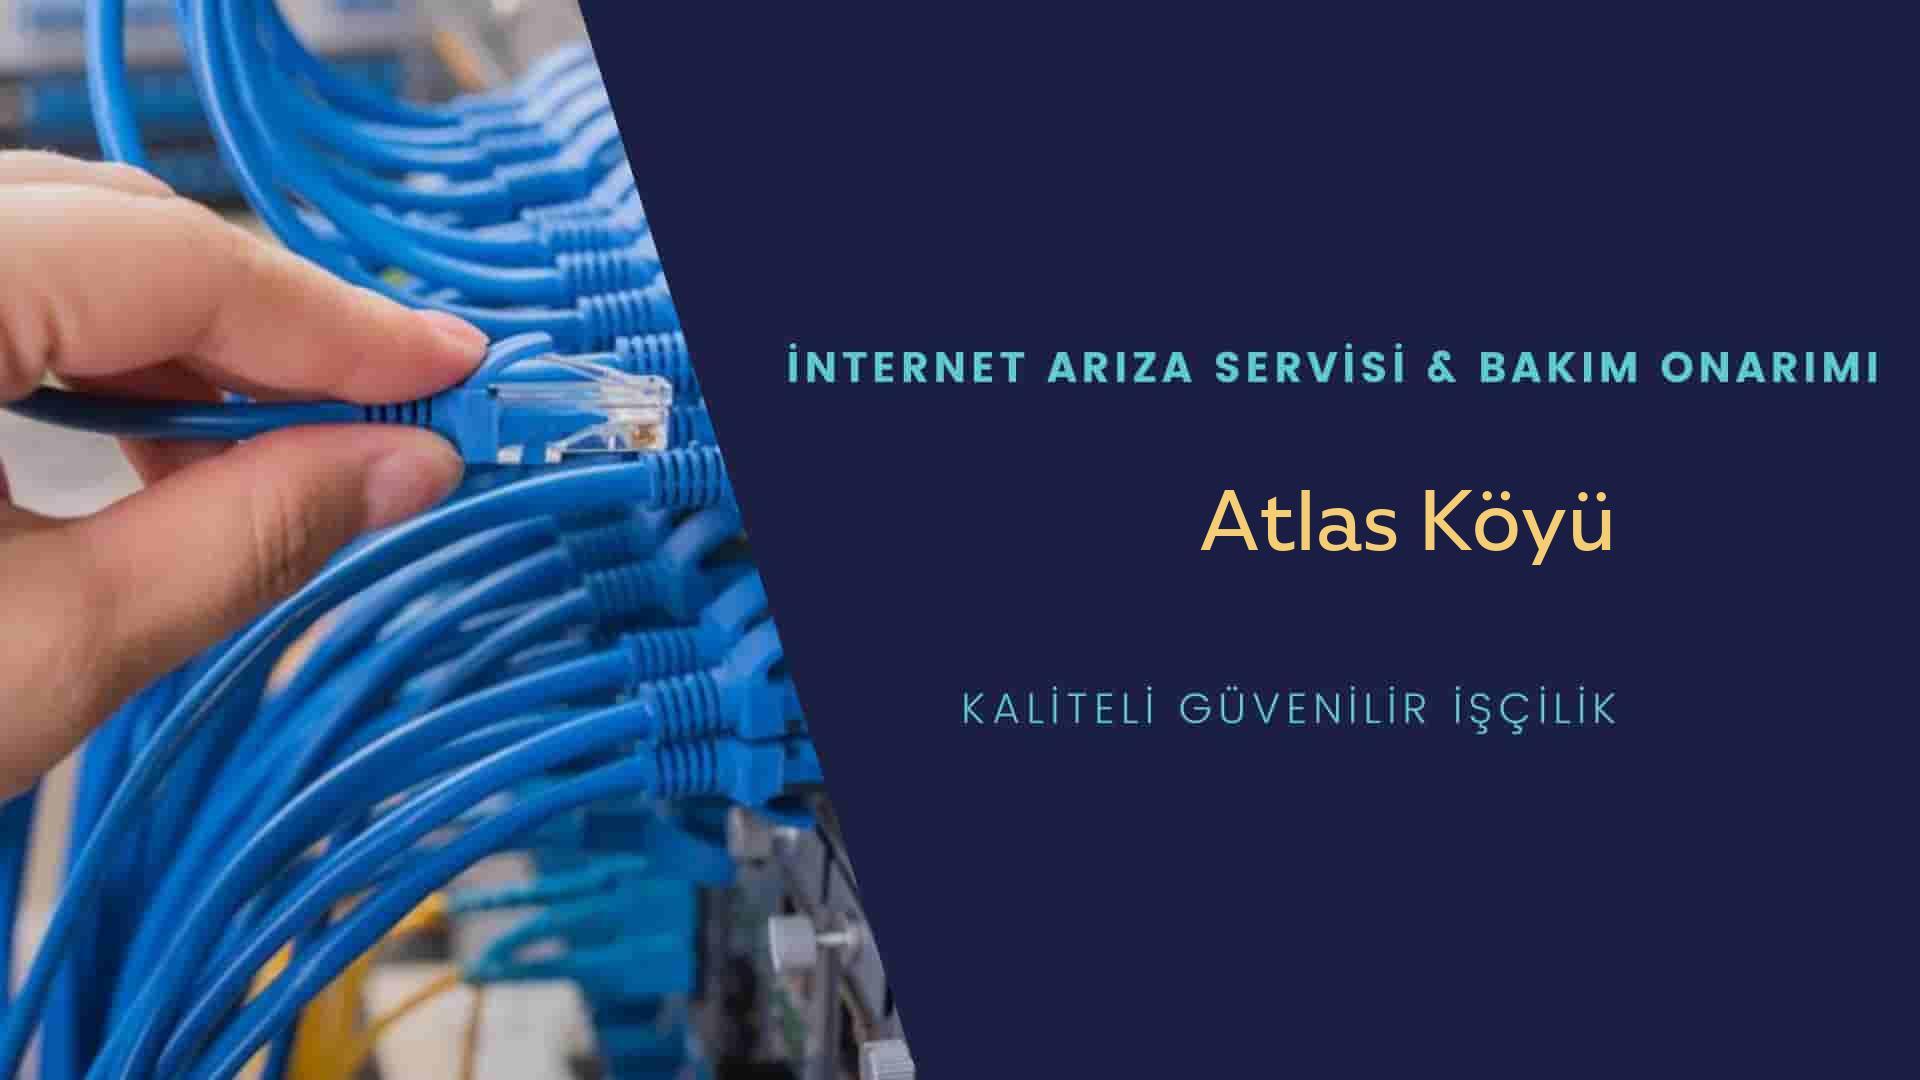 Atlas Köyü internet kablosu çekimi yapan yerler veya elektrikçiler mi? arıyorsunuz doğru yerdesiniz o zaman sizlere 7/24 yardımcı olacak profesyonel ustalarımız bir telefon kadar yakındır size.